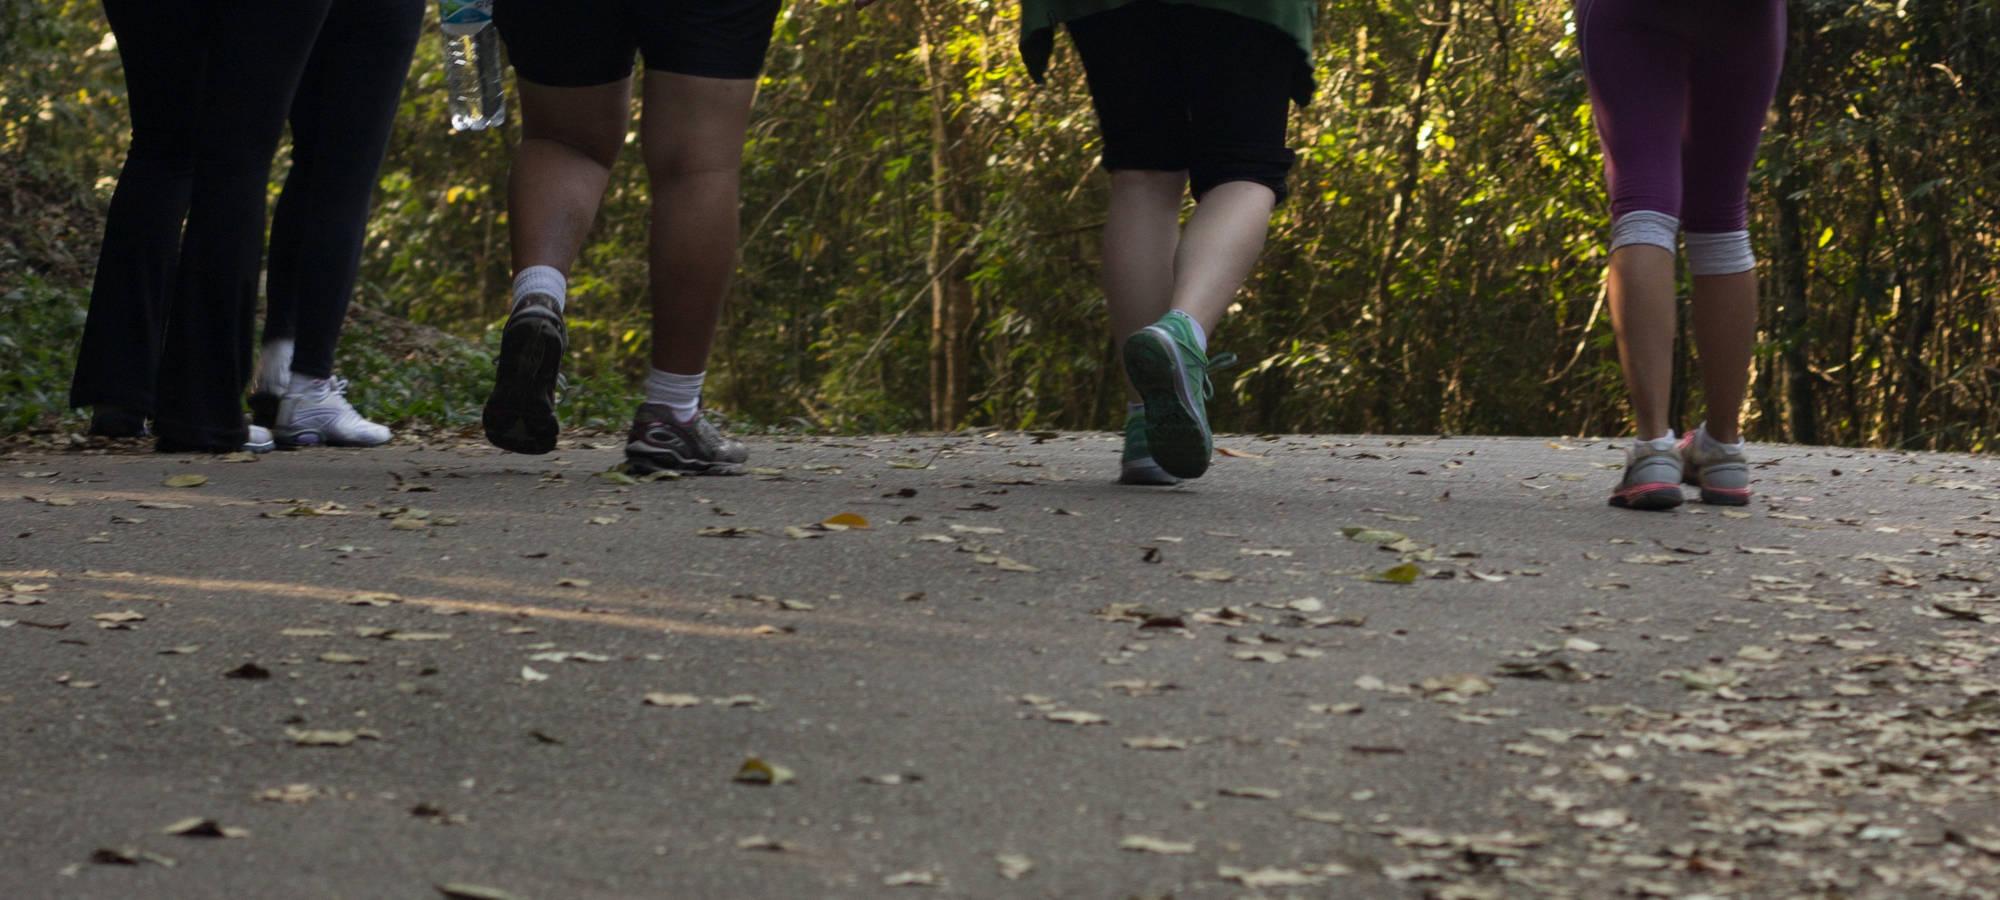 Beine in Turnschuhen bei Bewegung im Freien, © pexels